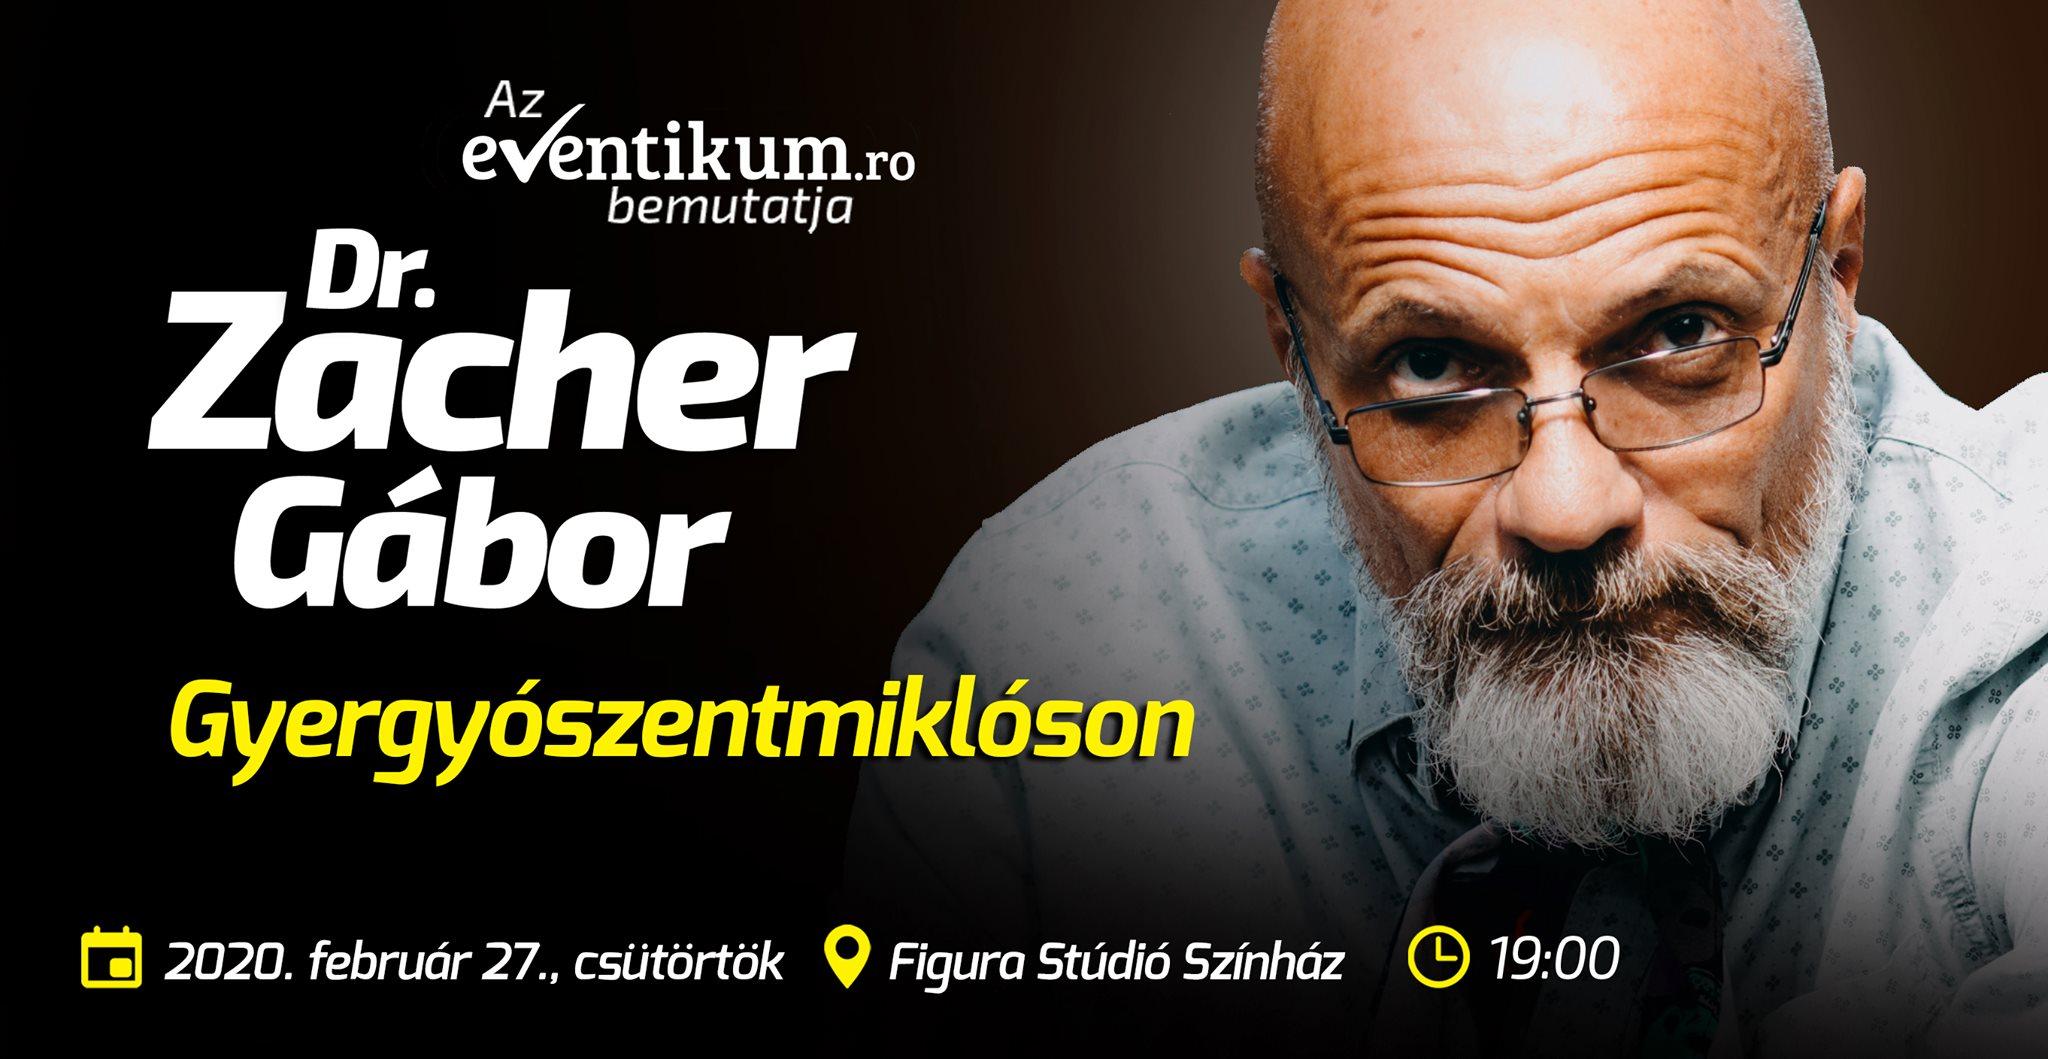 Dr. Zacher Gábor: Betépett álmodozók